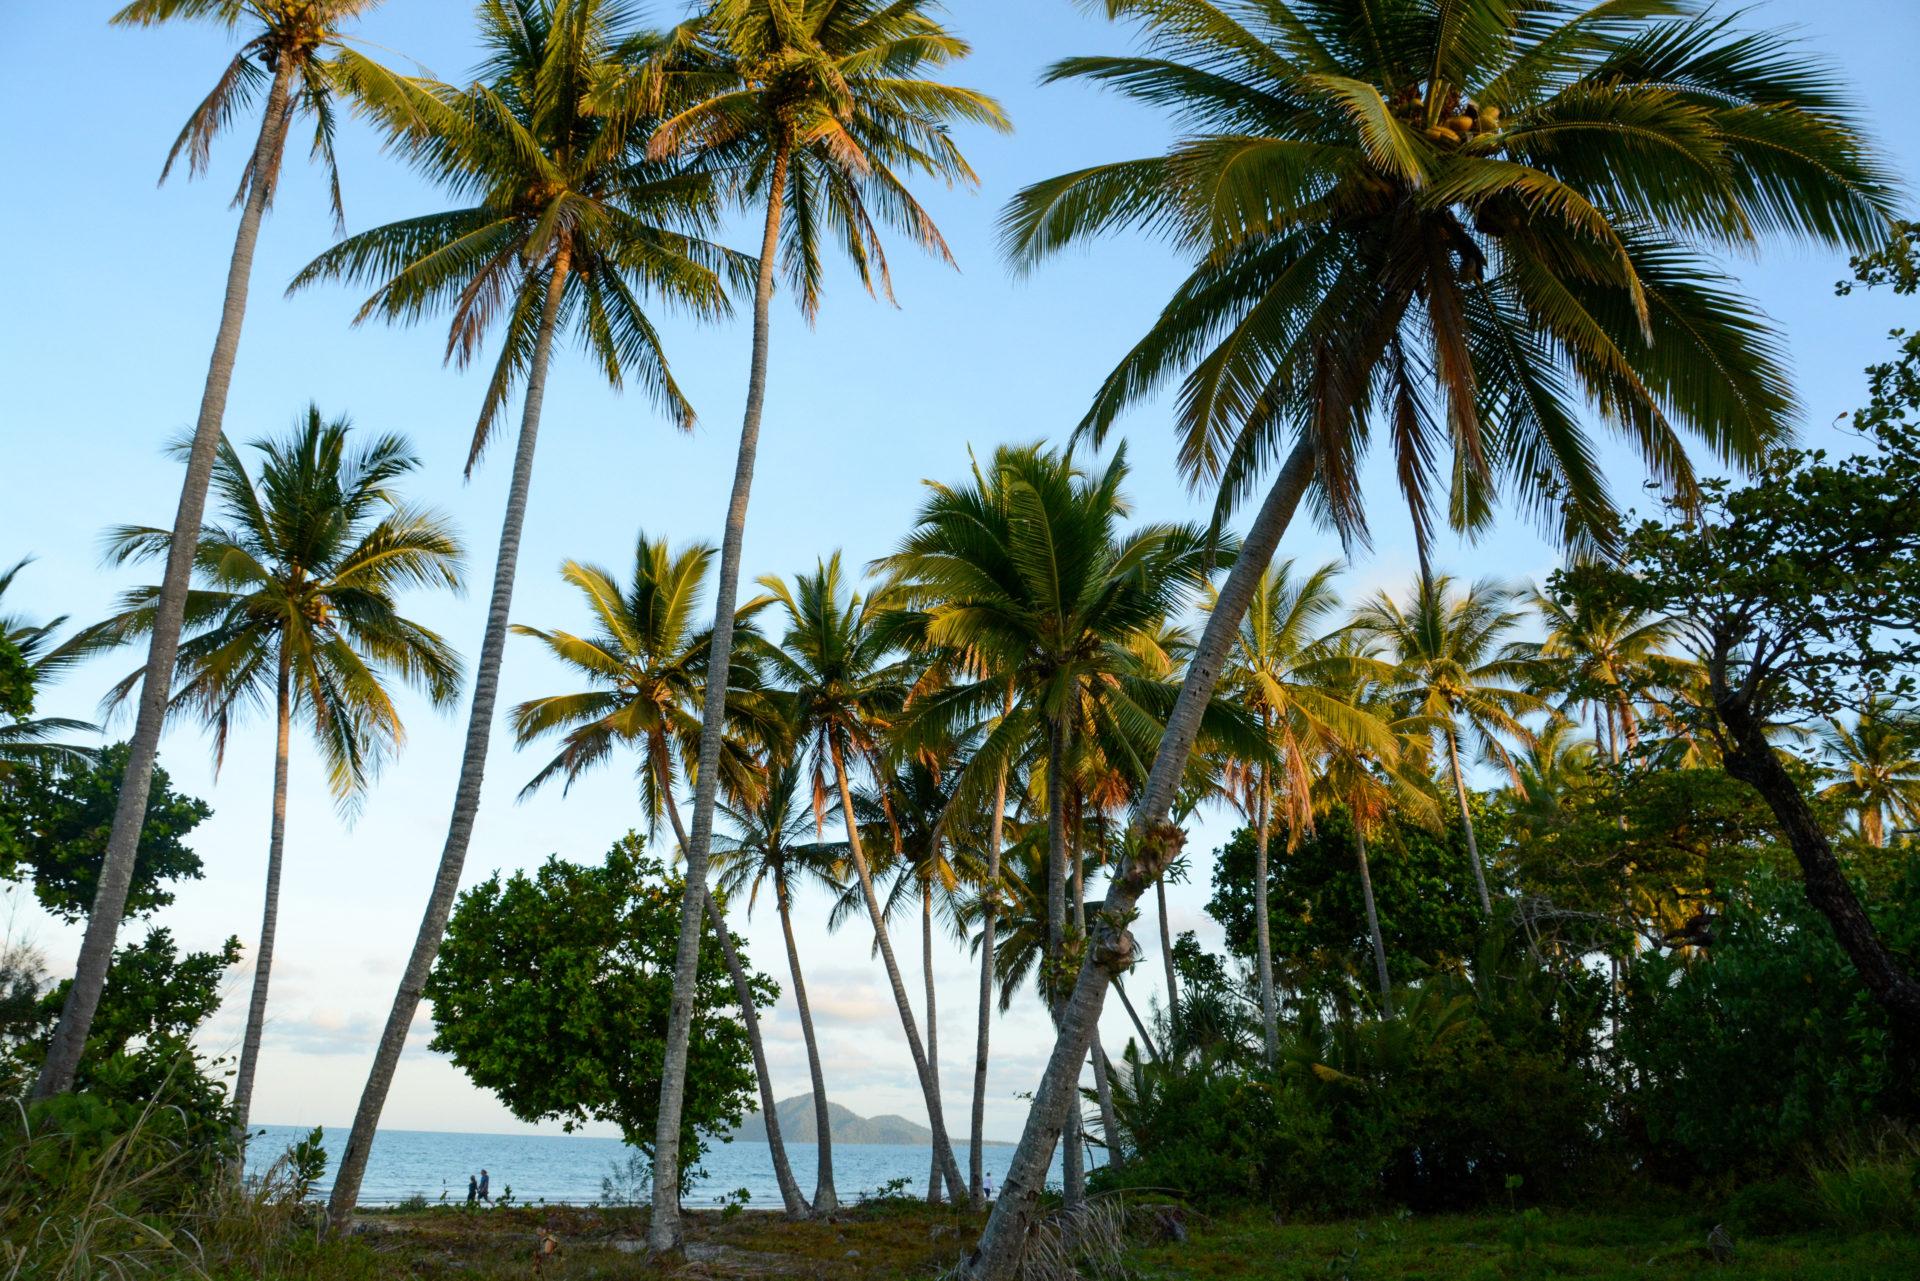 Palmen am Strand von Mission Beach in Queensland